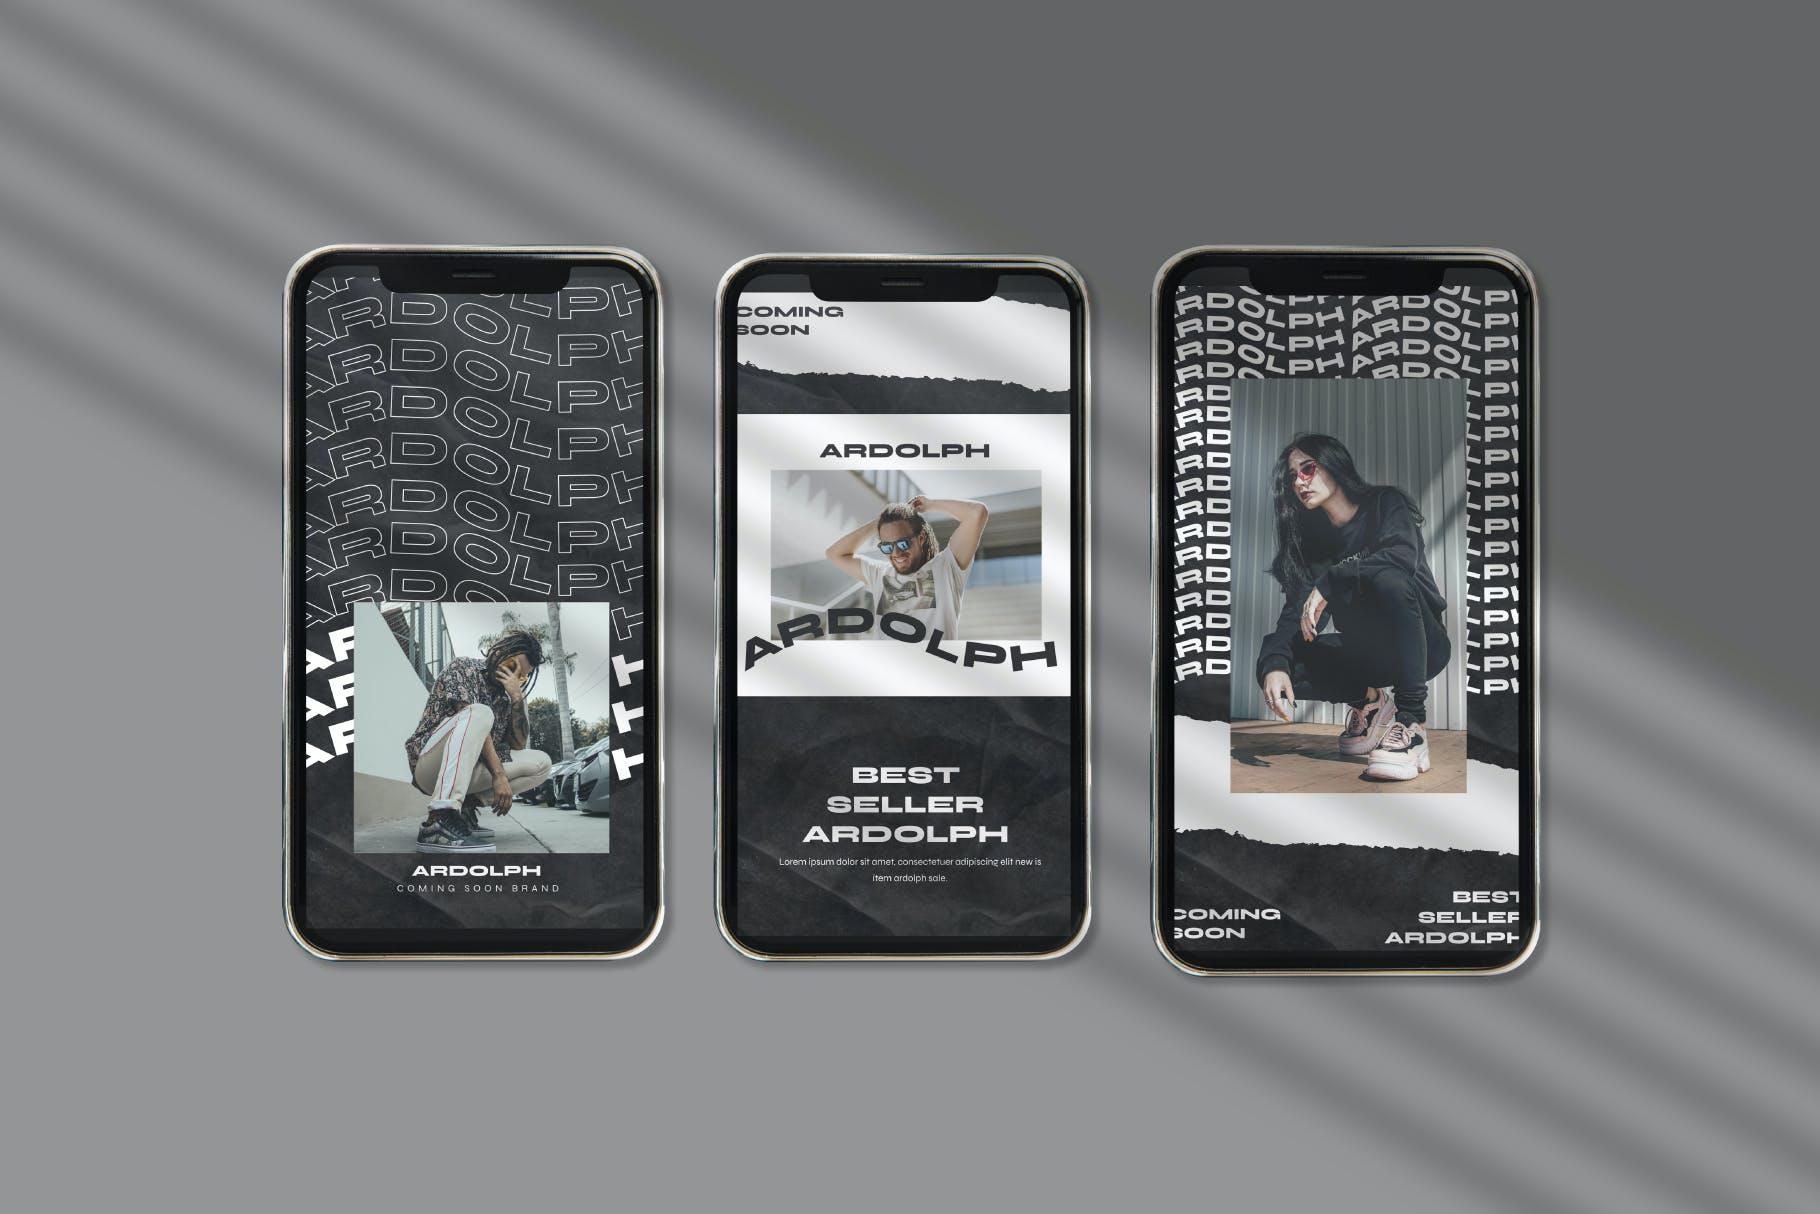 时尚撕纸效果街头潮牌品牌推广新媒体海报设计PSD模板 Ardolph – Instagram Post and Stories插图(3)